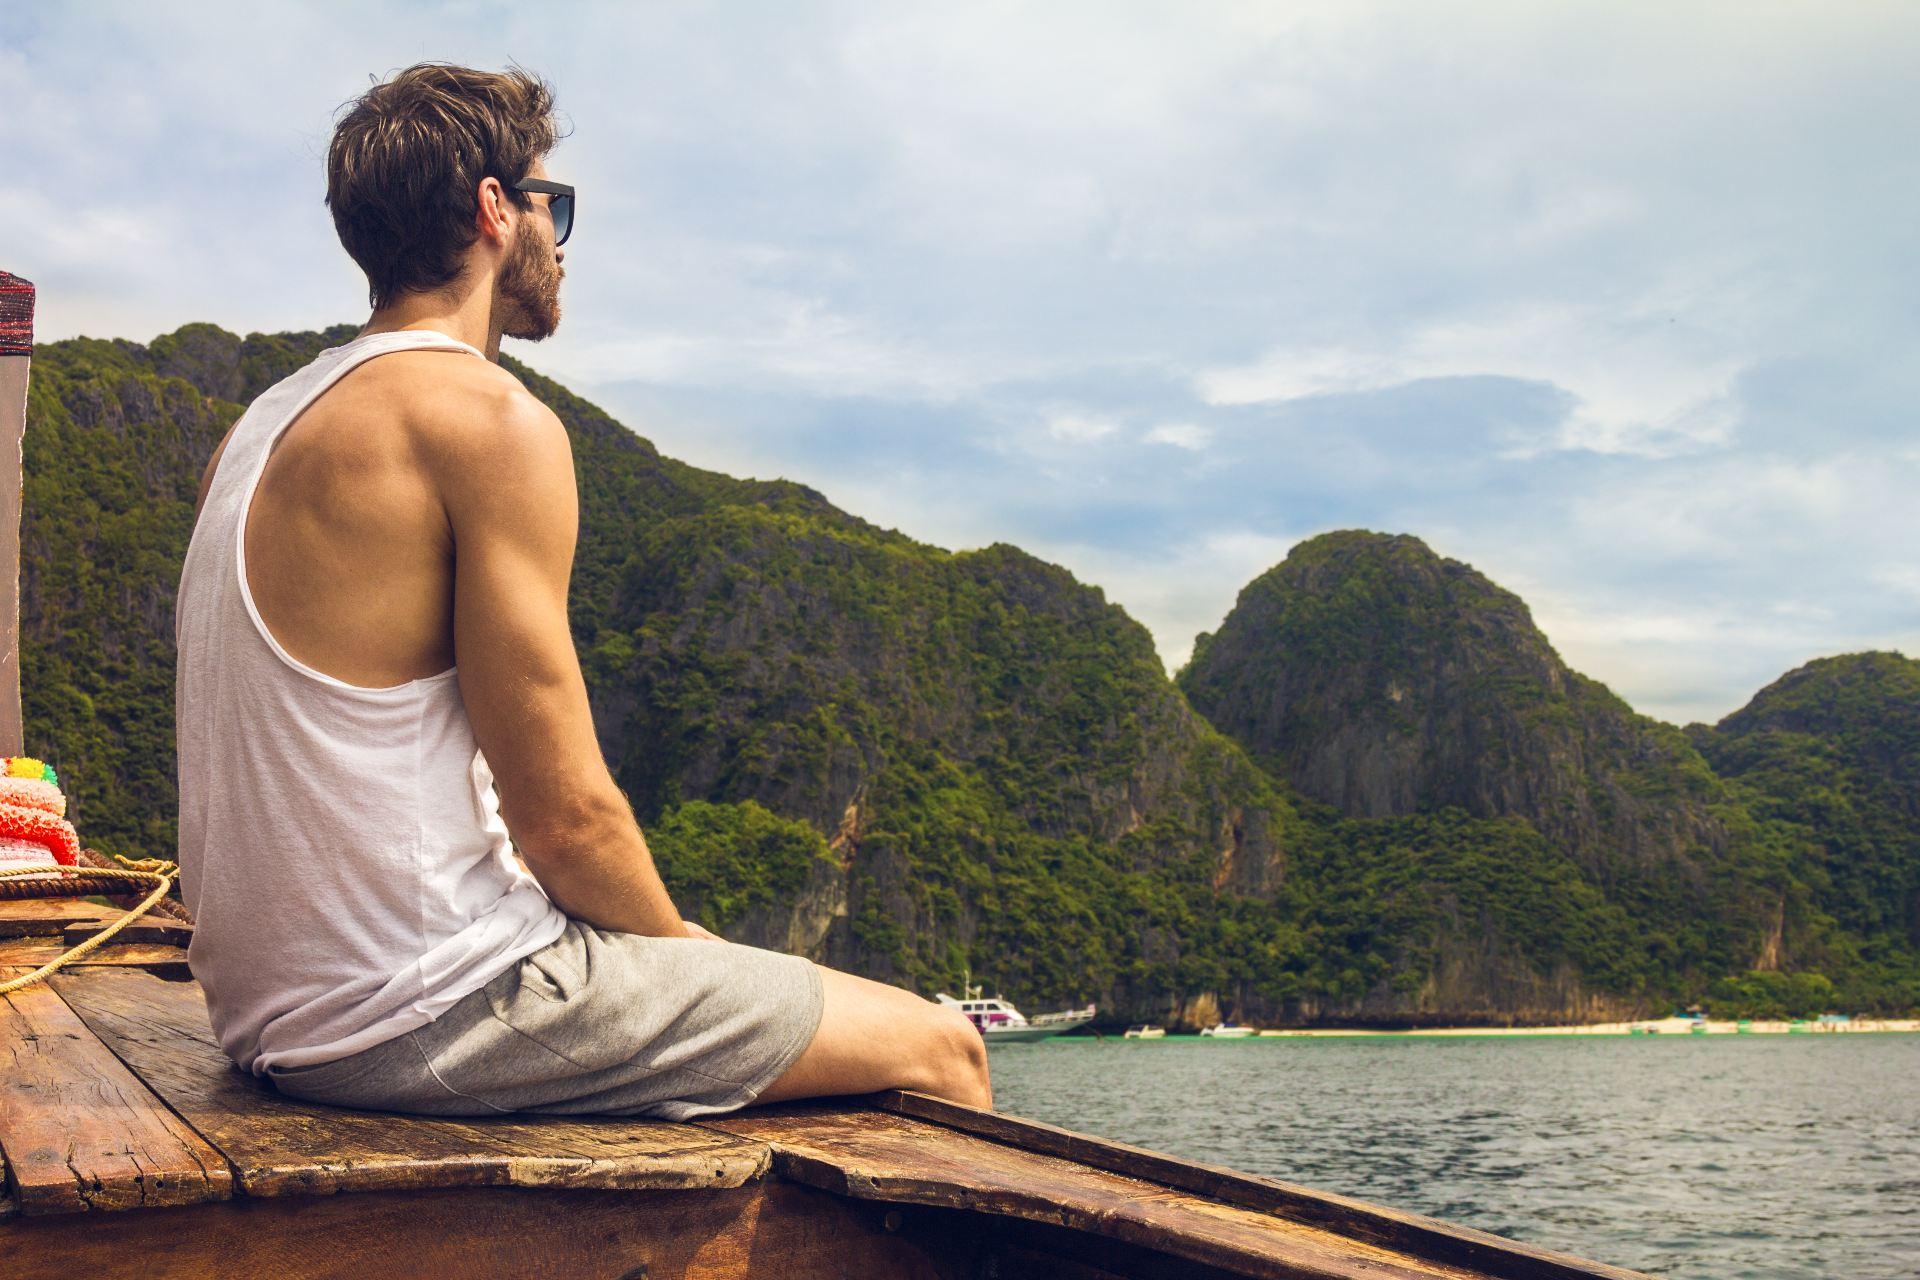 La Thaïlande, le Cambodge et Bali : pourquoi ces destinations asiatiques sont prisées des gays?